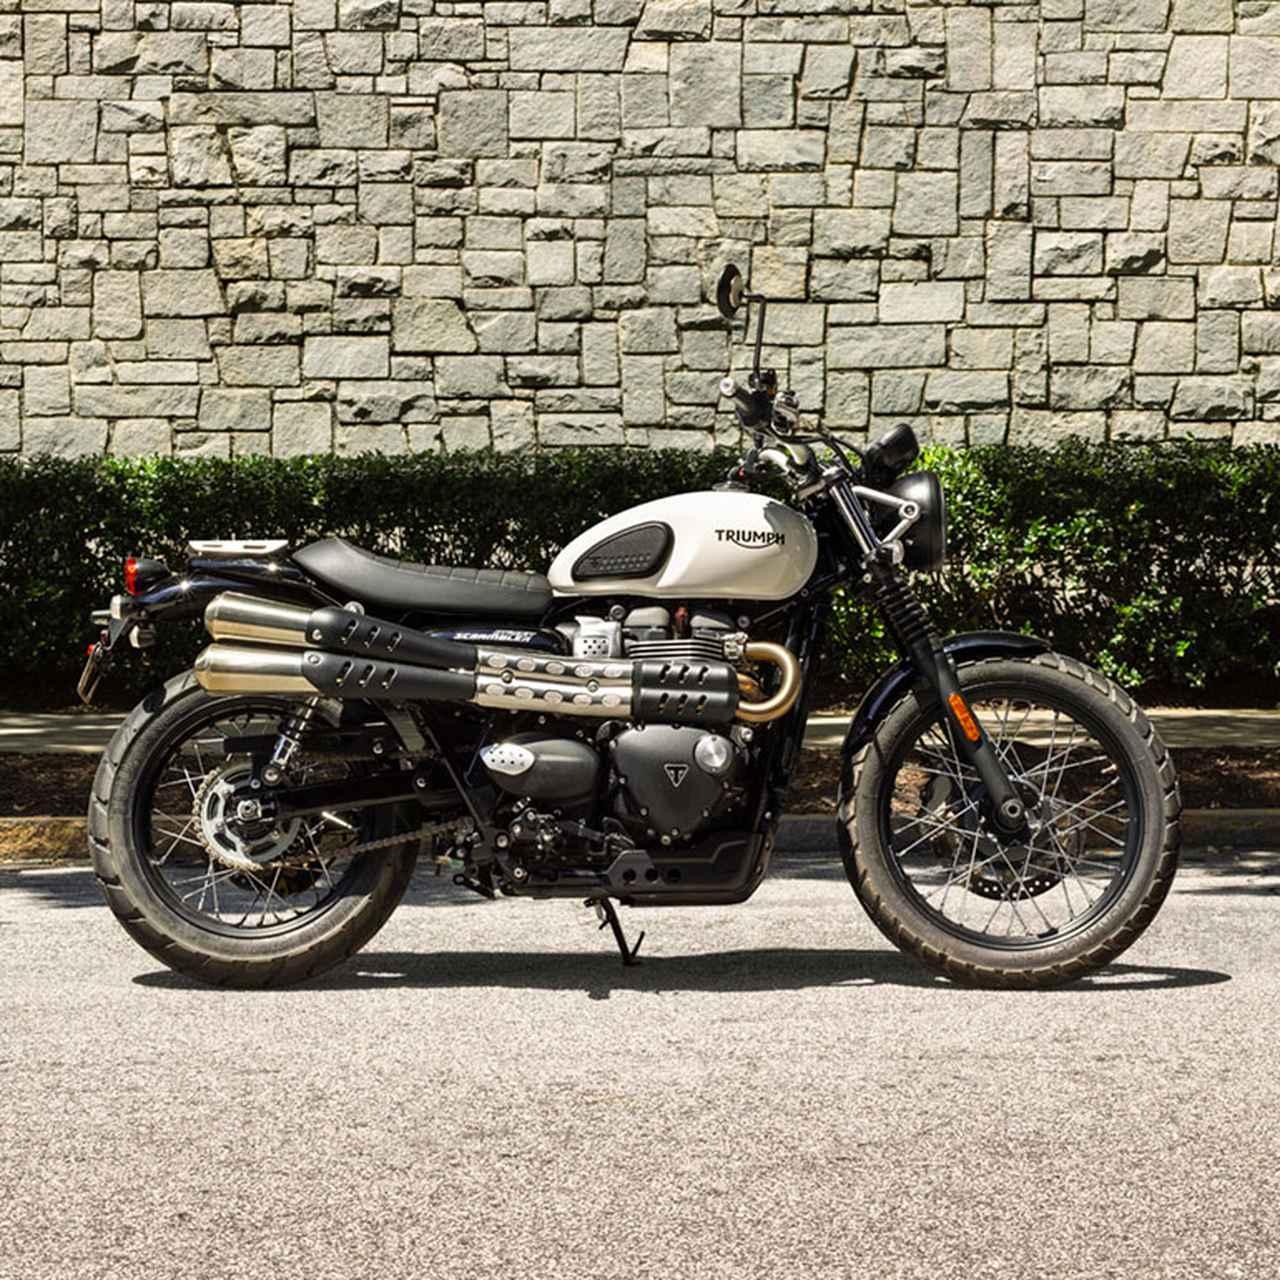 画像1: トライアンフ東京で2019年に売れたバイク 第2位!